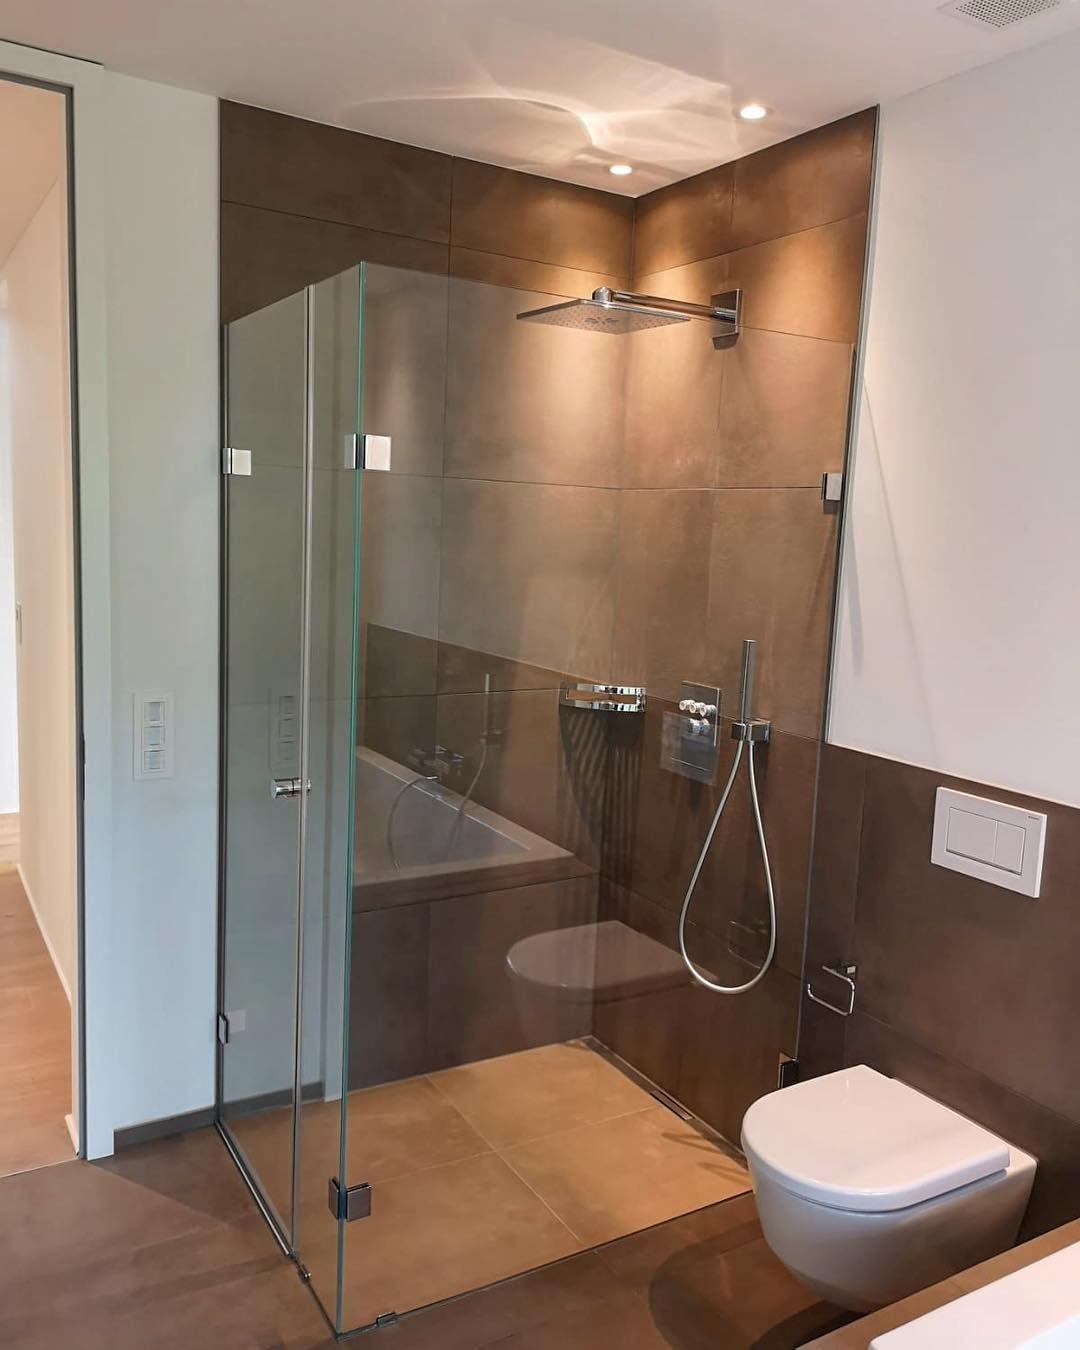 Badezimmer in warmen Brauntönen mit eleganter ebenerdiger Dusche